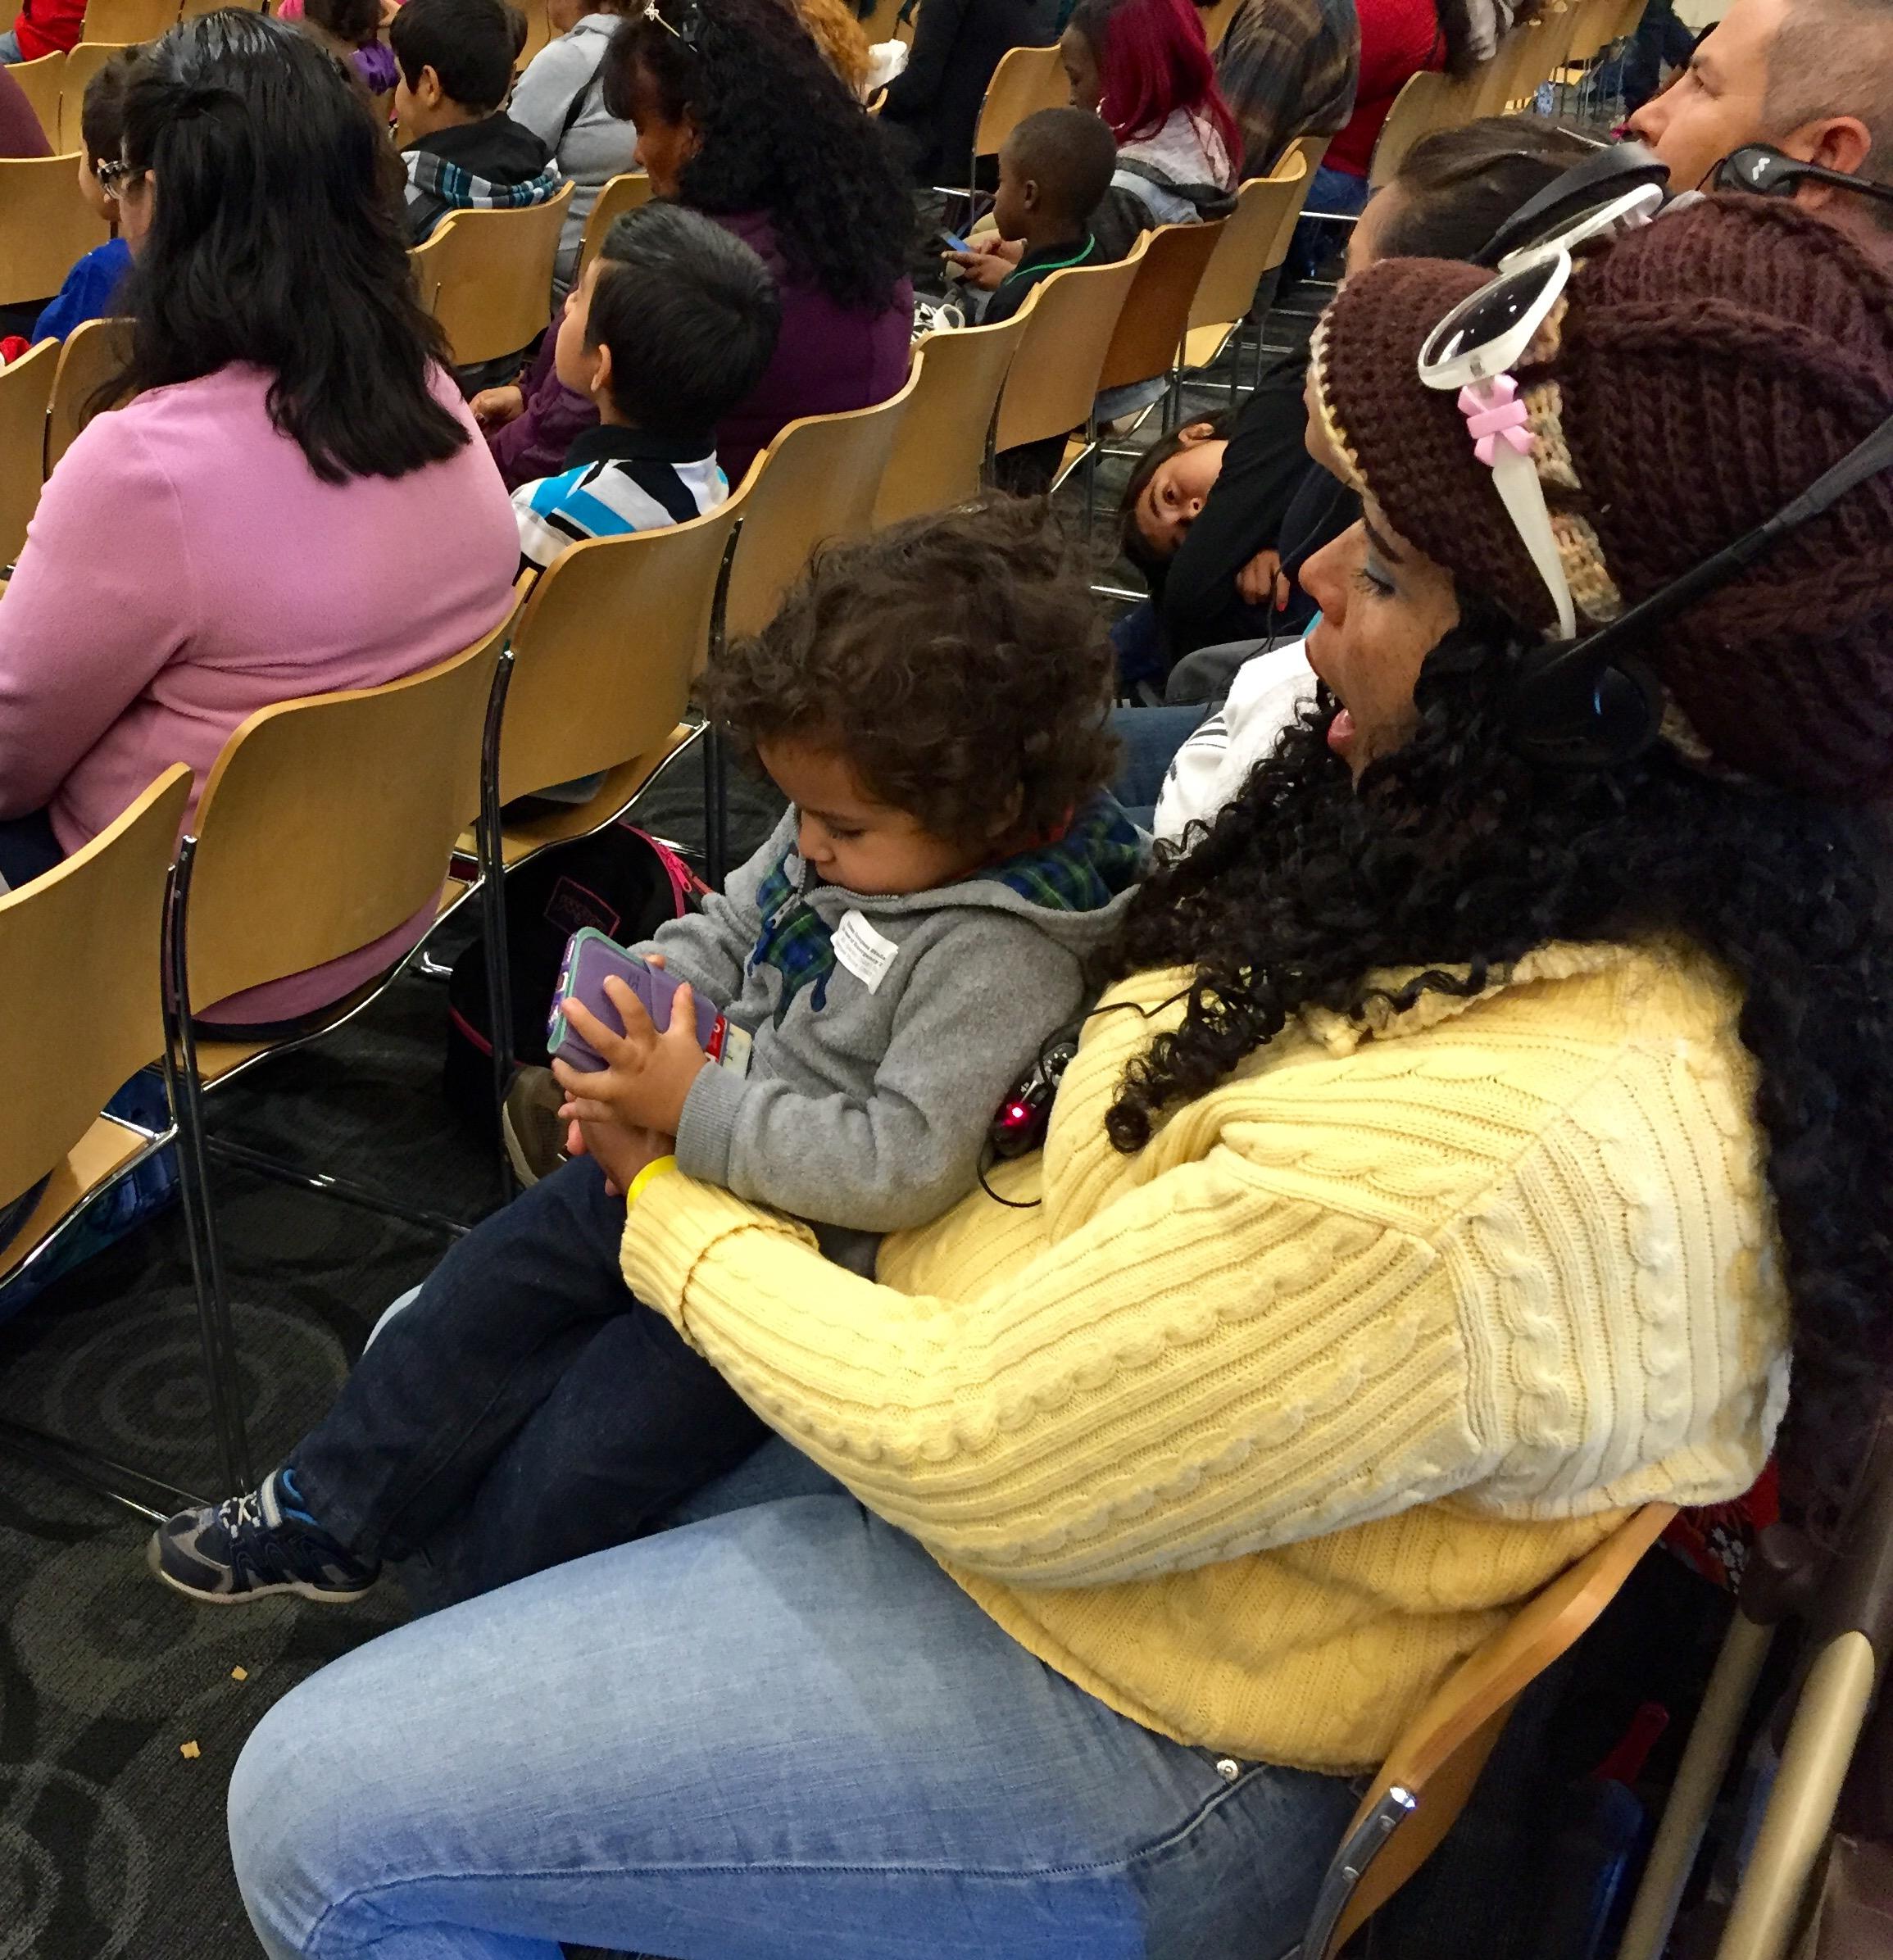 El gobernador de California, Jerry Brown aprobó una ley para aumentar el porcentaje que se paga a los trabajadores por sus ausencias familiares del empleo cuando son padres o tienen un familiar enfermo. (Araceli Martínez/fotos).